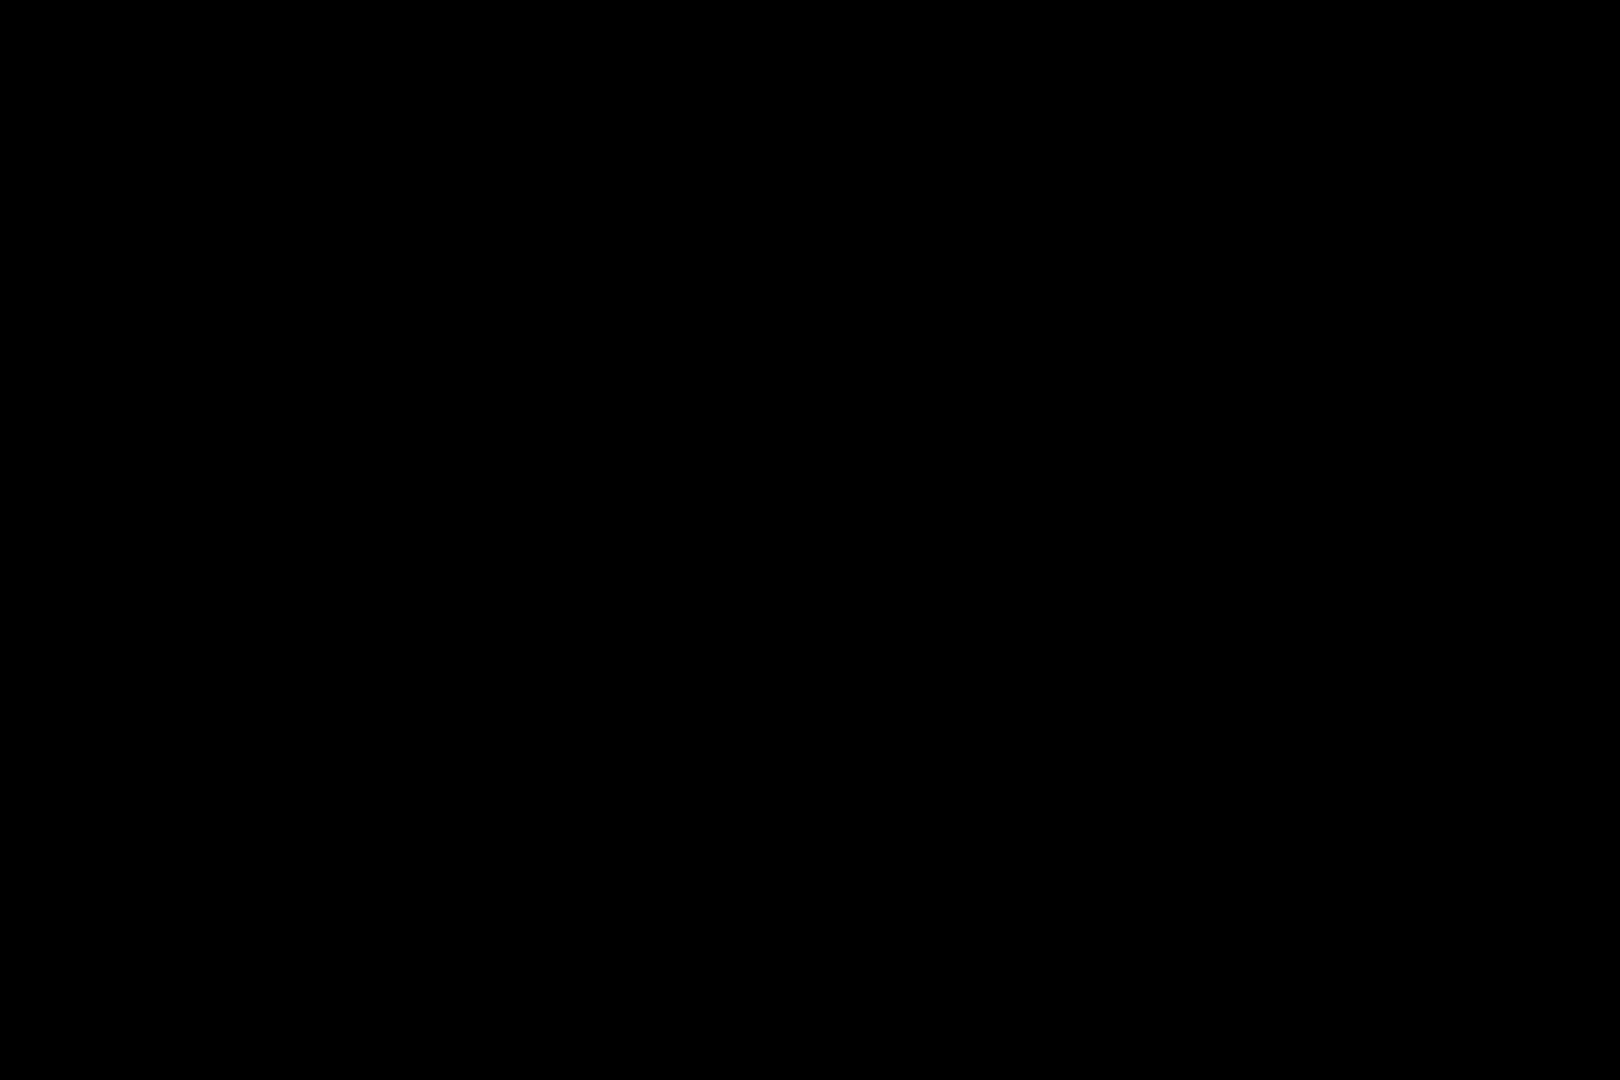 充血監督の深夜の運動会Vol.126 カップル盗撮 ワレメ動画紹介 83画像 26